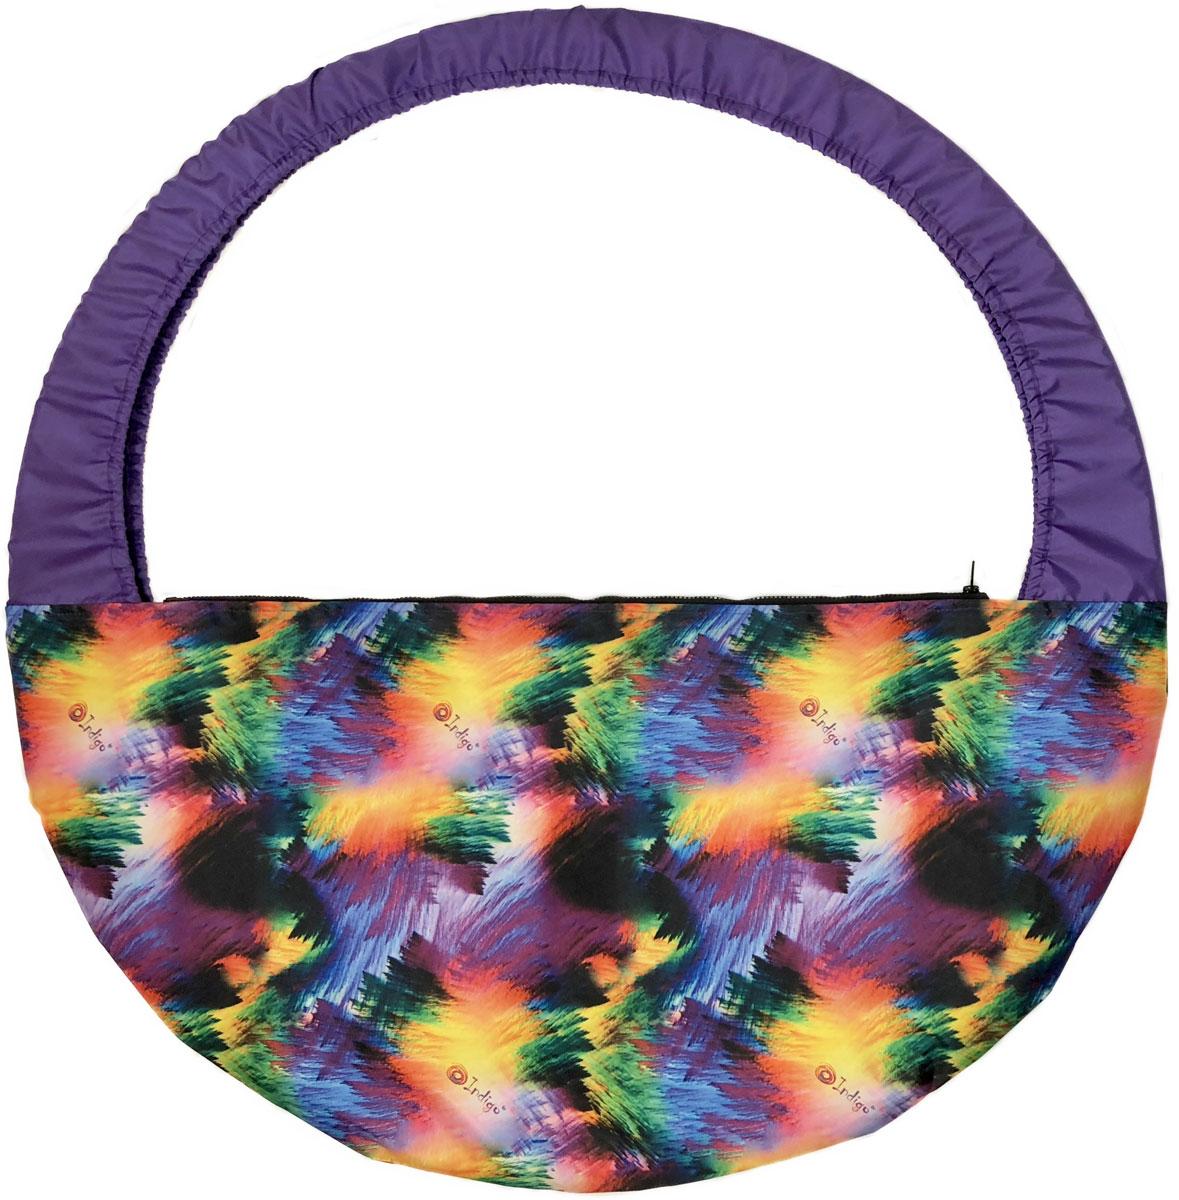 """Сумка-чехол для обруча Indigo """"Гламур"""", цвет: разноцветный, диаметр 60 х 90 см"""